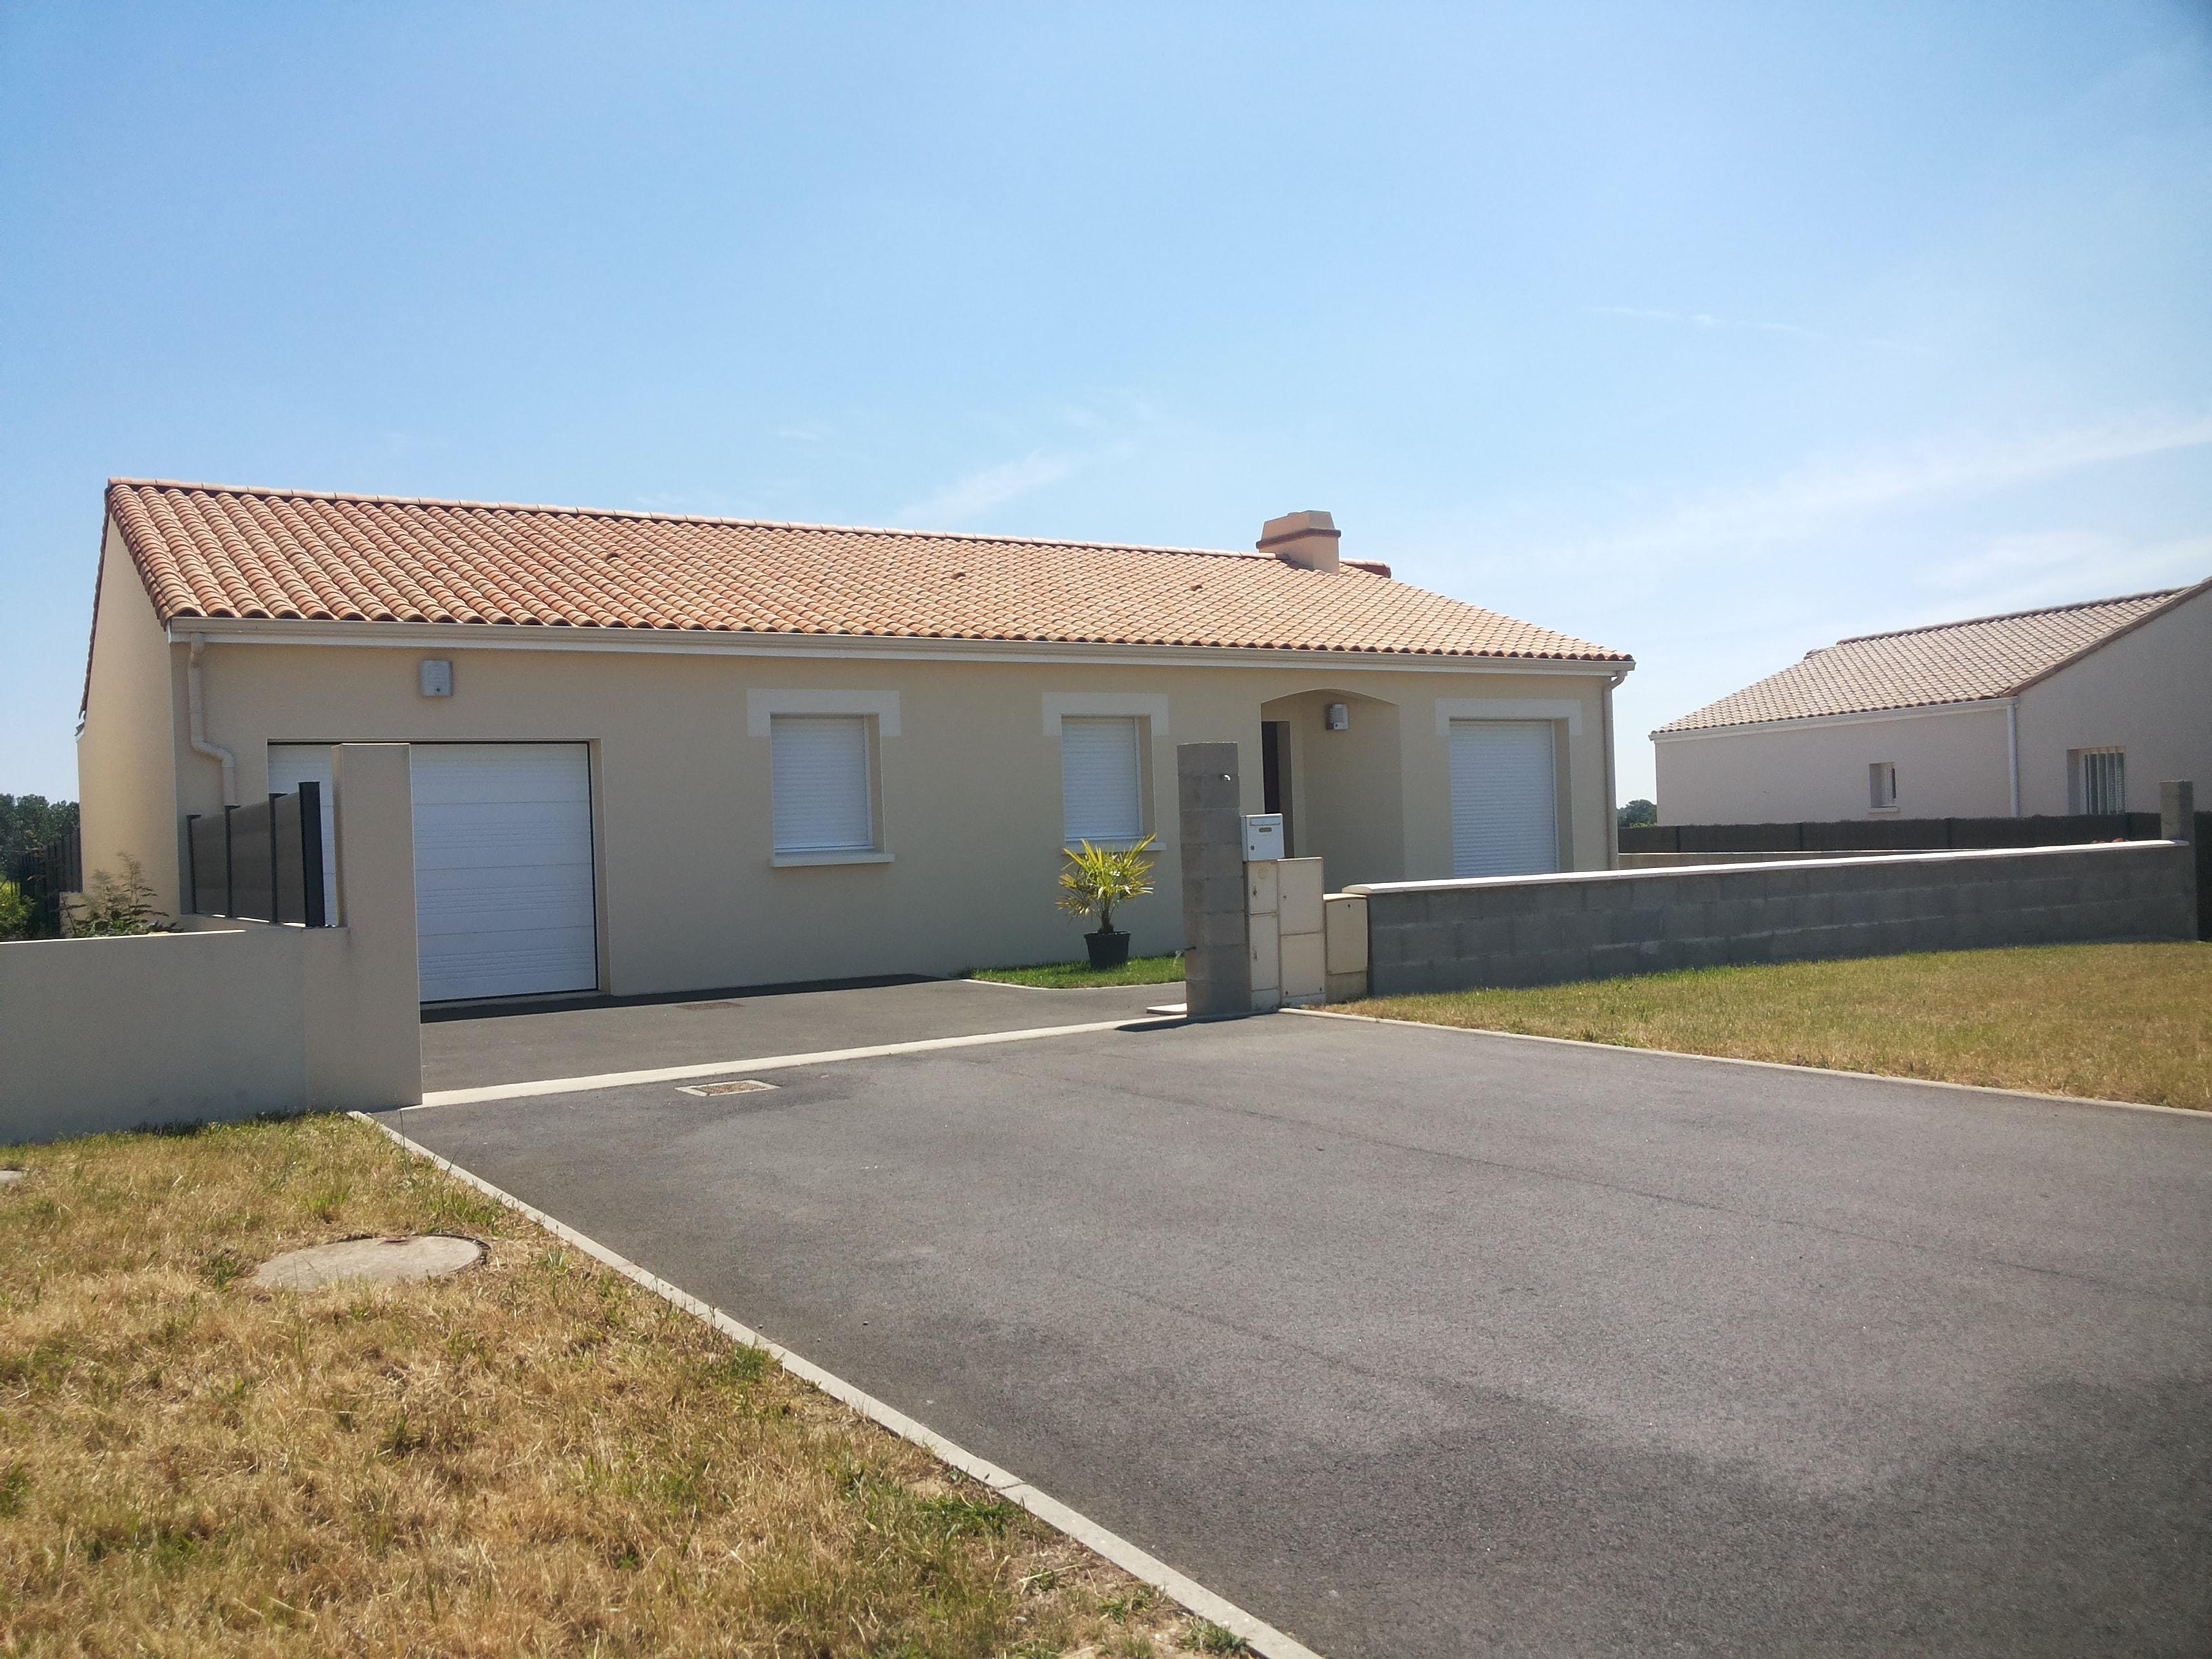 Maisons + Terrains du constructeur MAISON FAMILIALE LA ROCHE-SUR-YON • 93 m² • SAINTE FOY